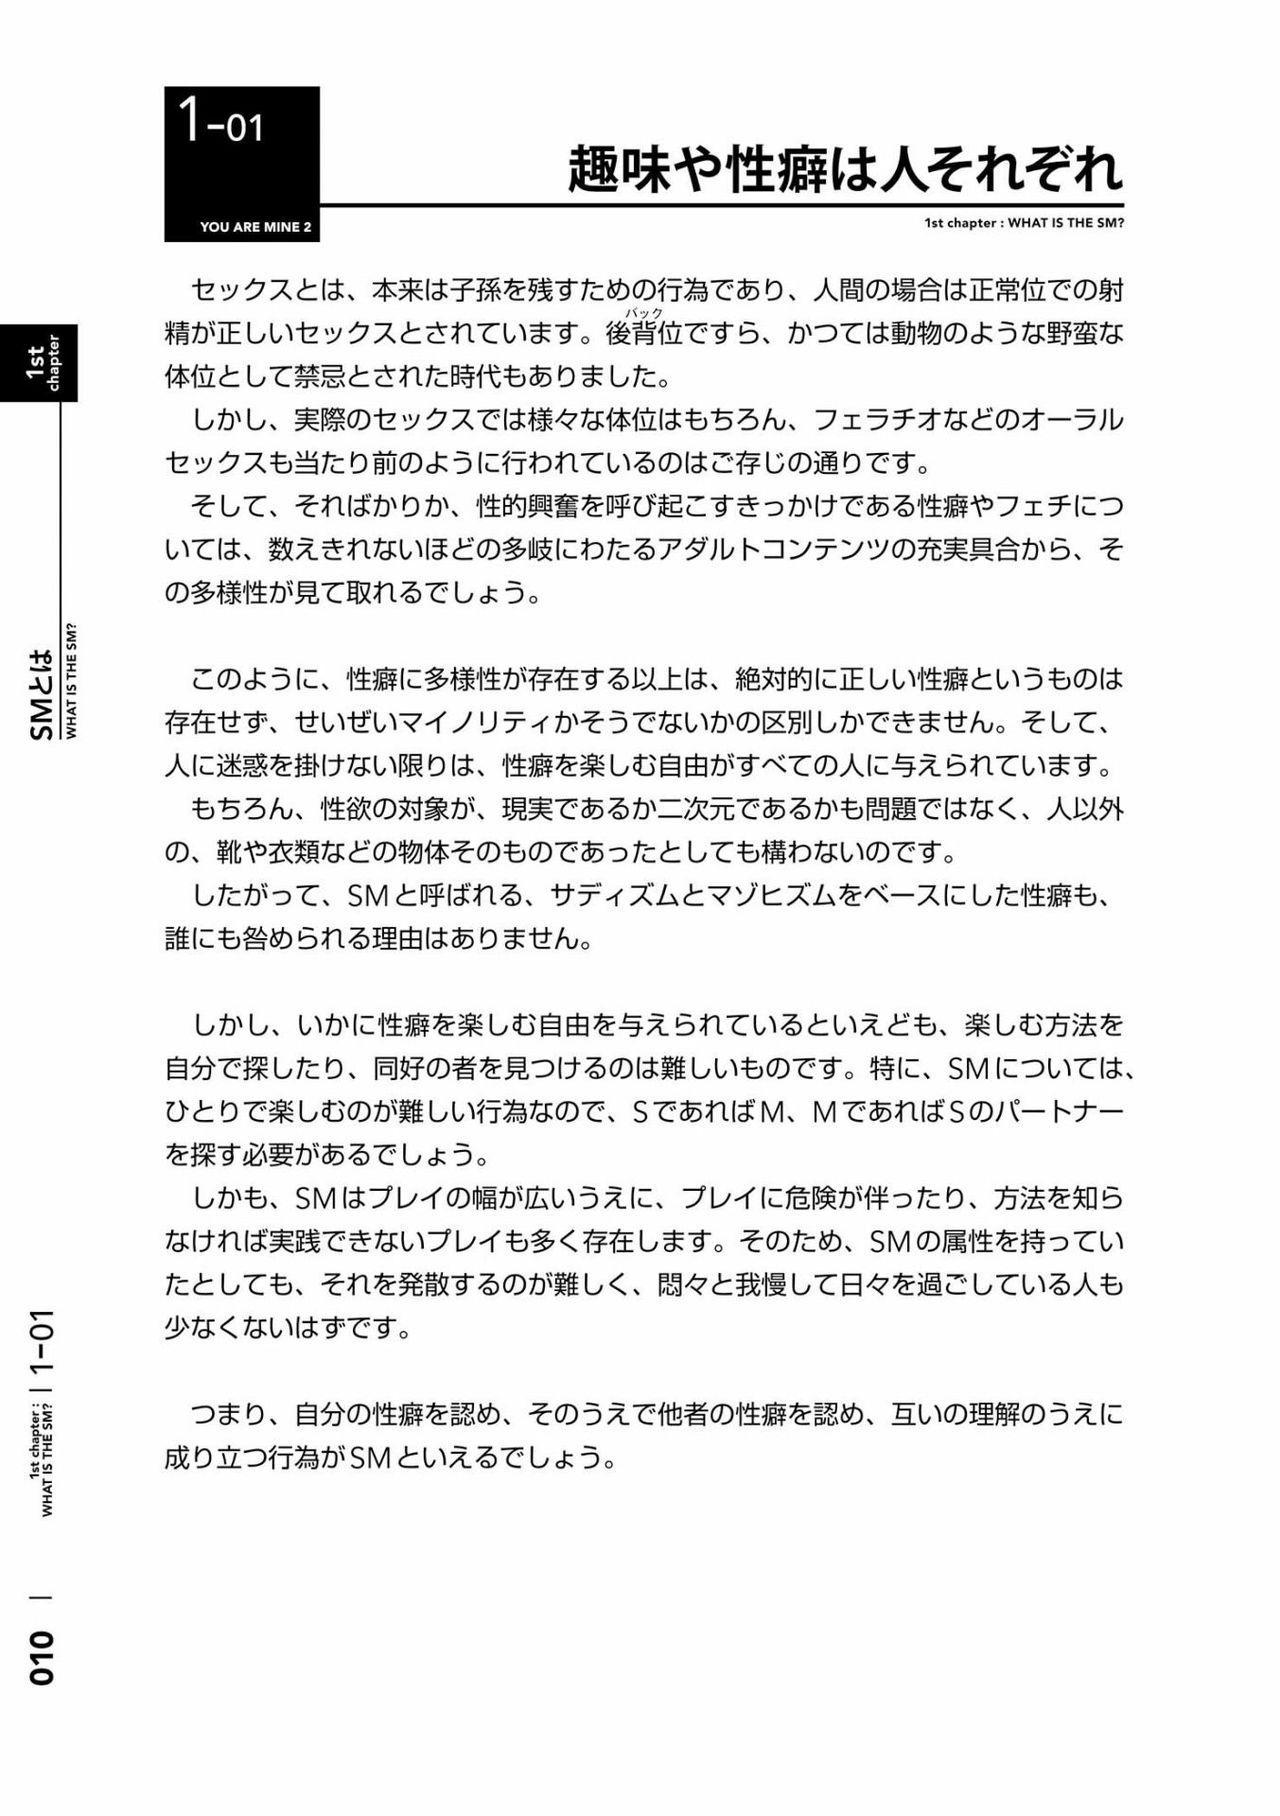 [Mitsuba] Karada mo Kokoro mo Boku no Mono ~Hajimete no SM Guide~ 2 [Digital] 12